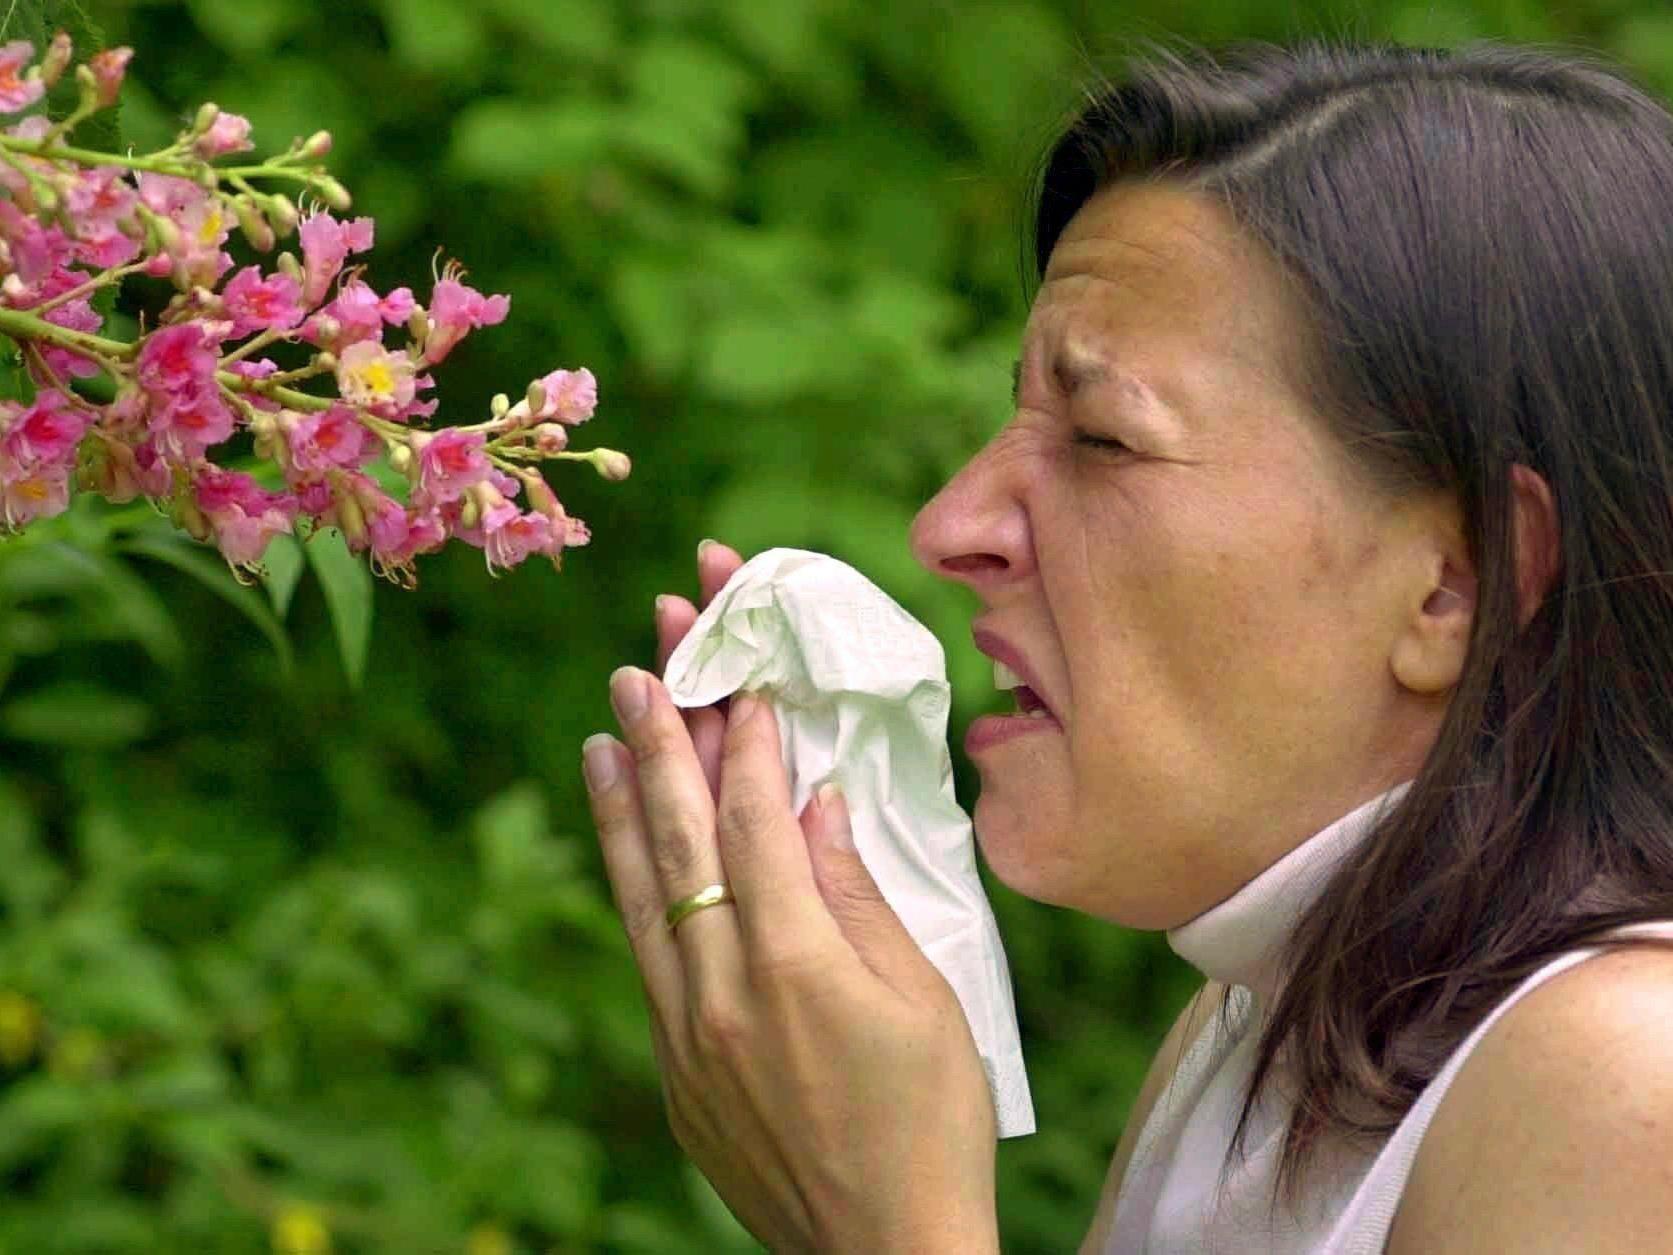 Pollen: effektive Behandlung in Aussicht